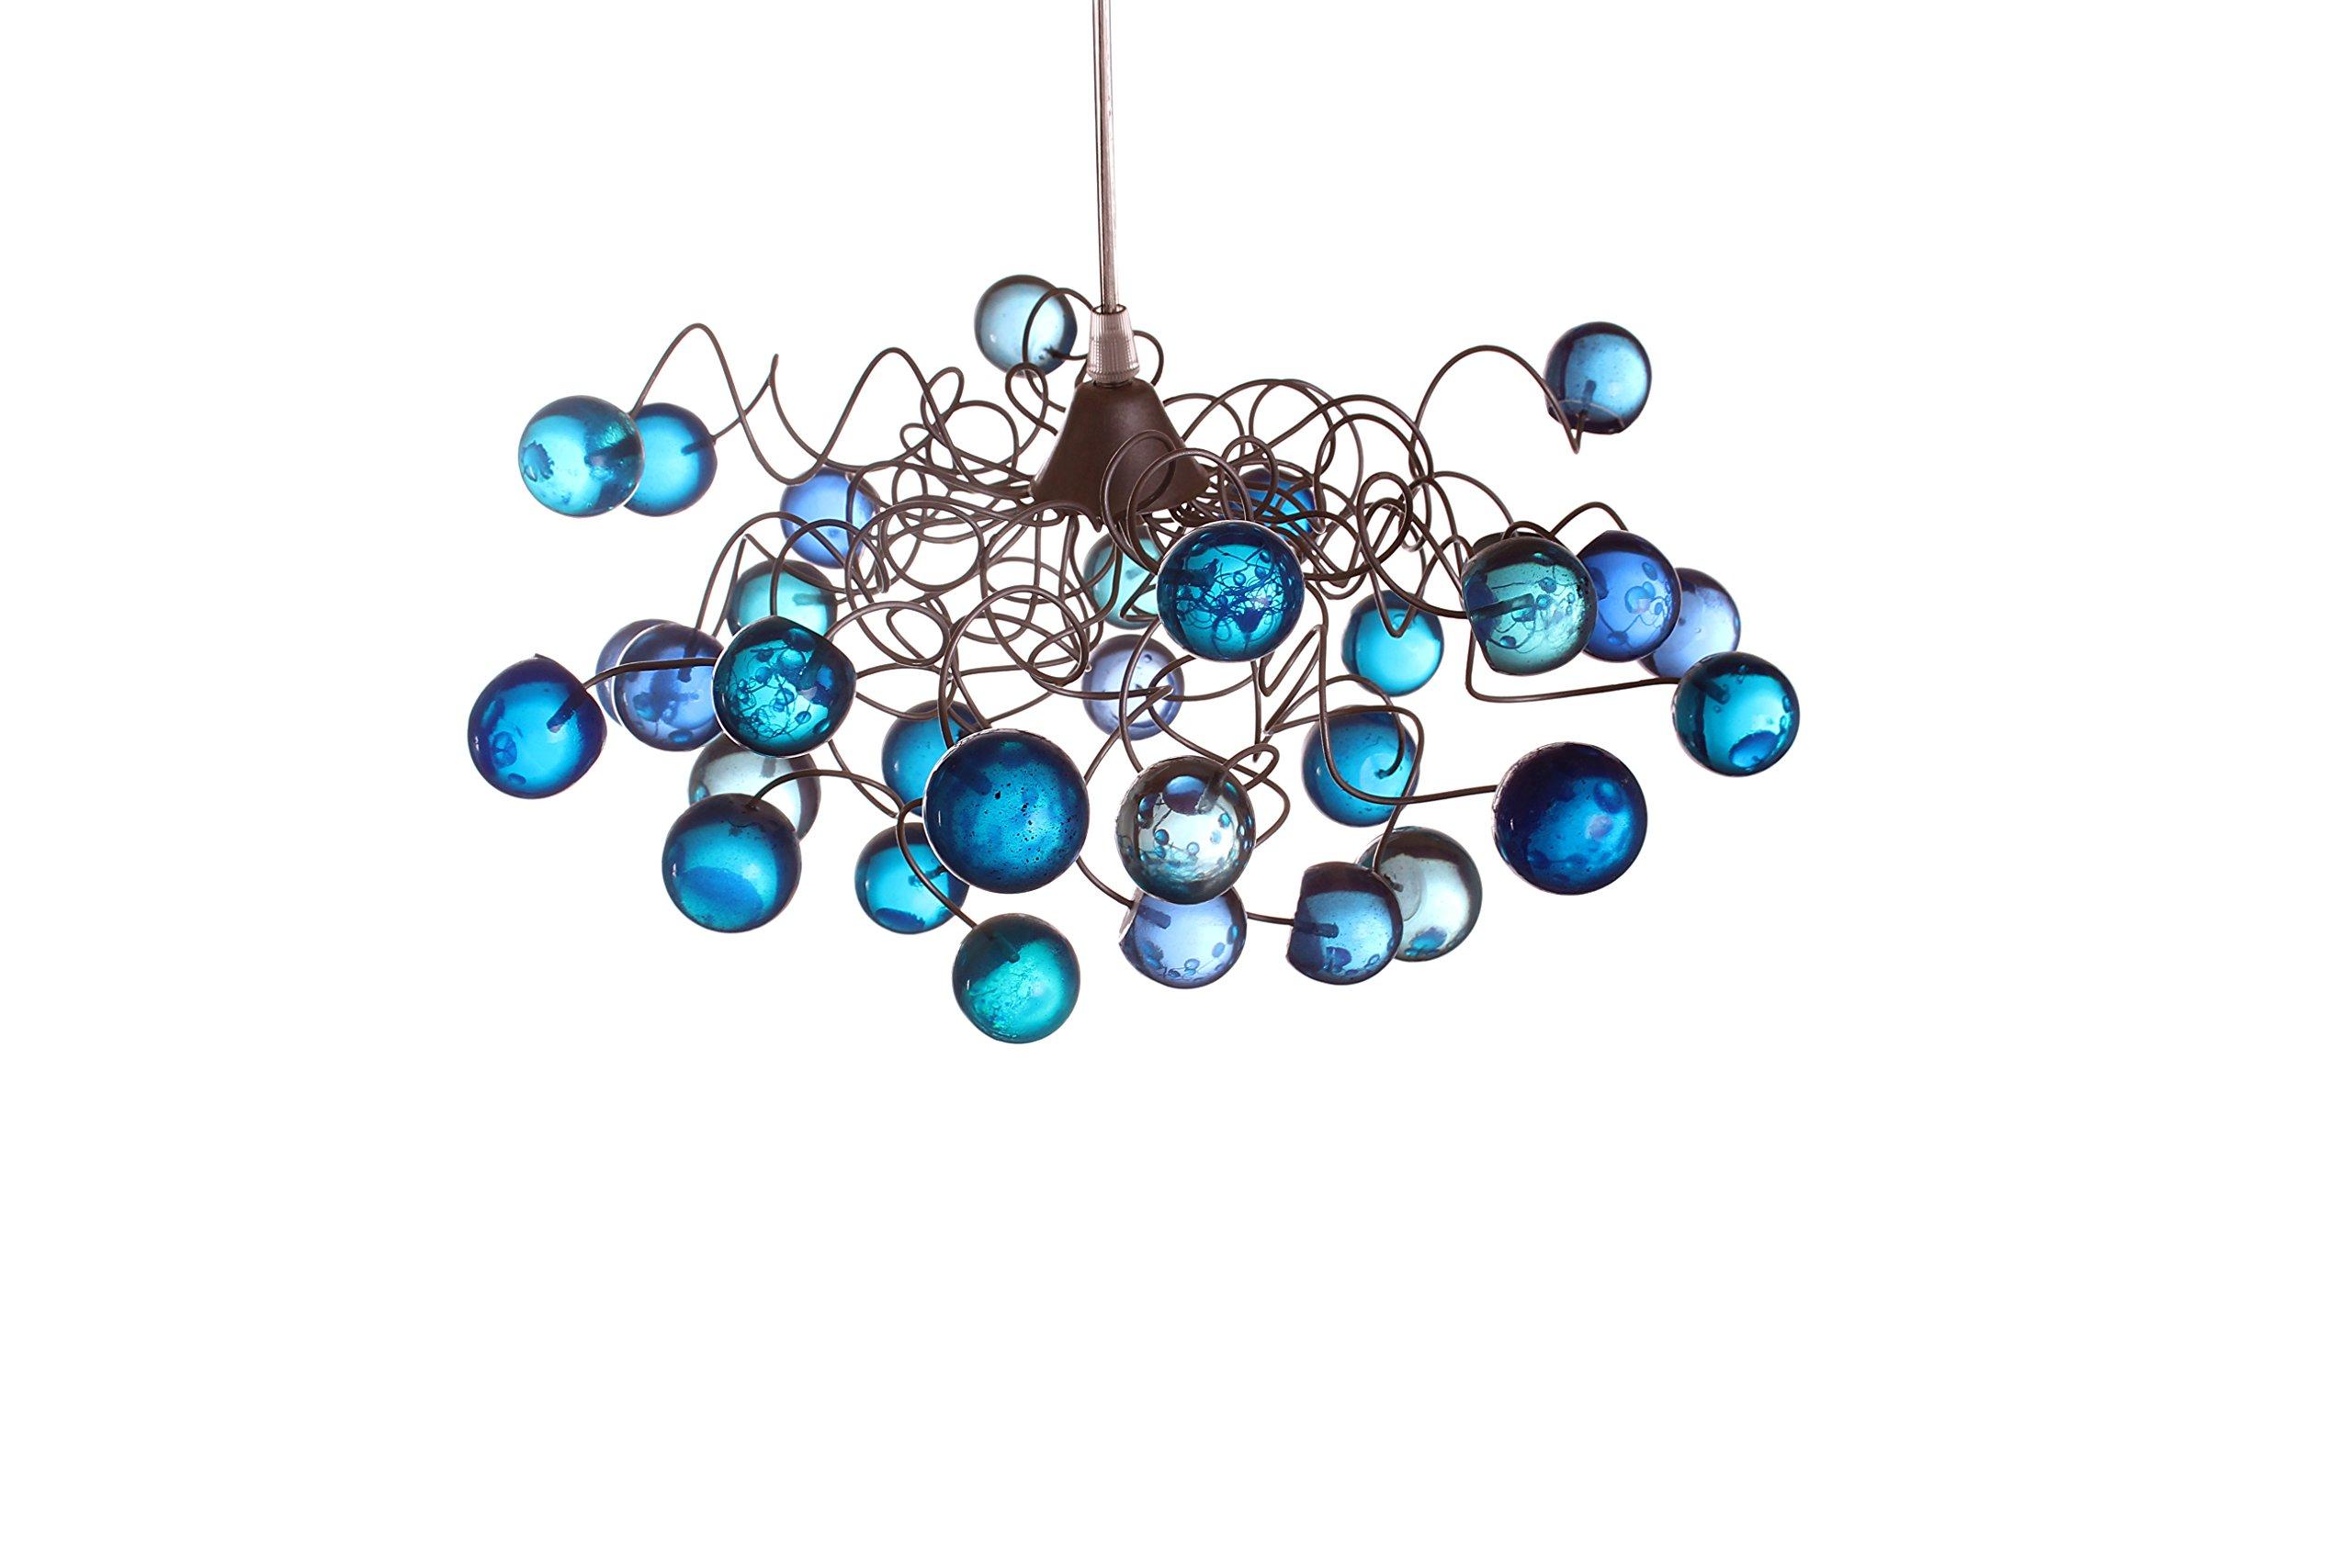 Blue Lamp Shades - Bule marble Pendant lighting - Ceiling Lights for Children's Room - Boys Room Lighting